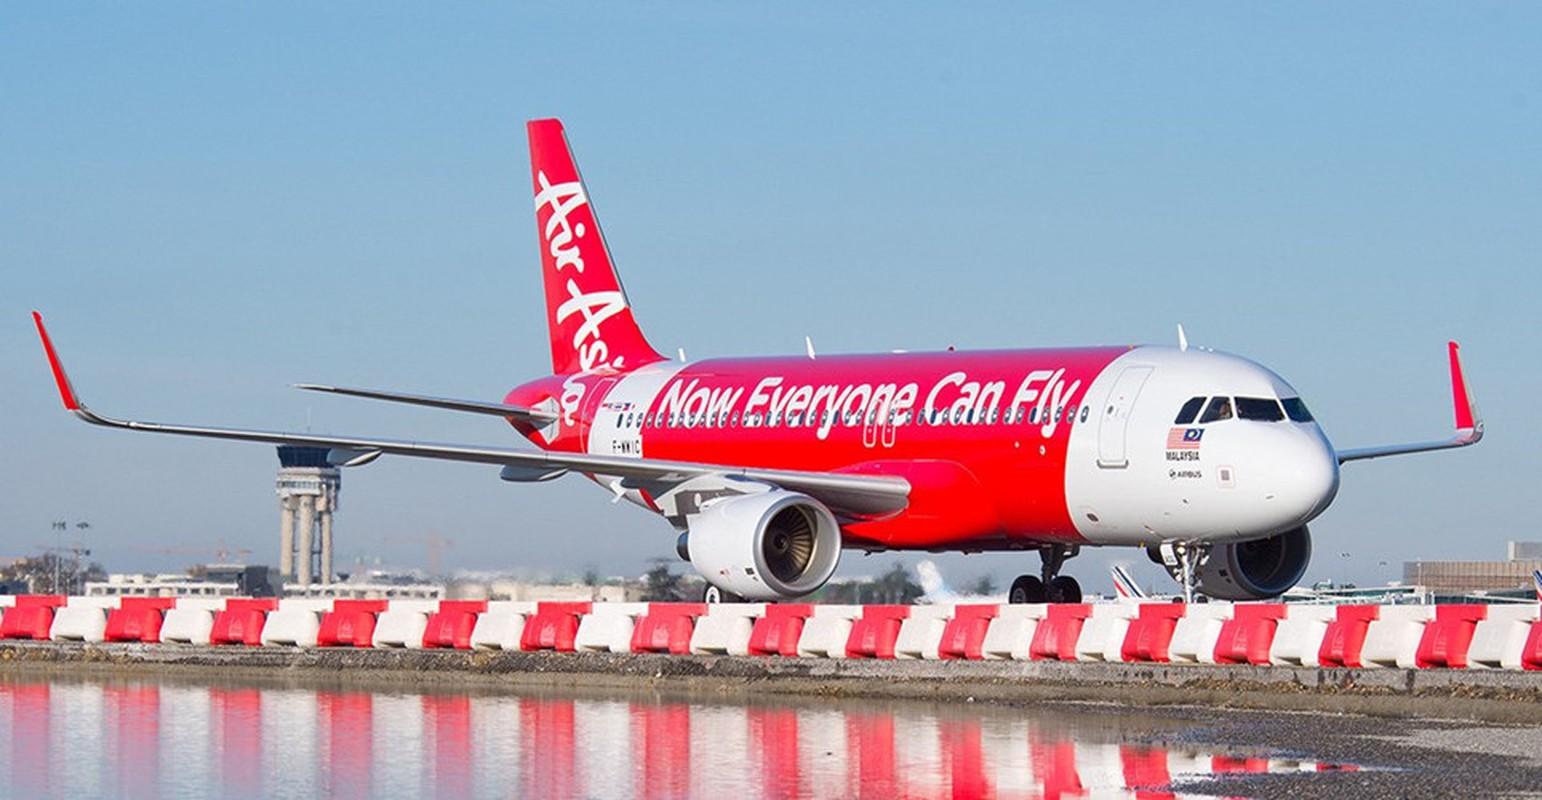 He lo bi mat kho tuong AirAsia - hang hang khong sieu re tren the gioi-Hinh-2